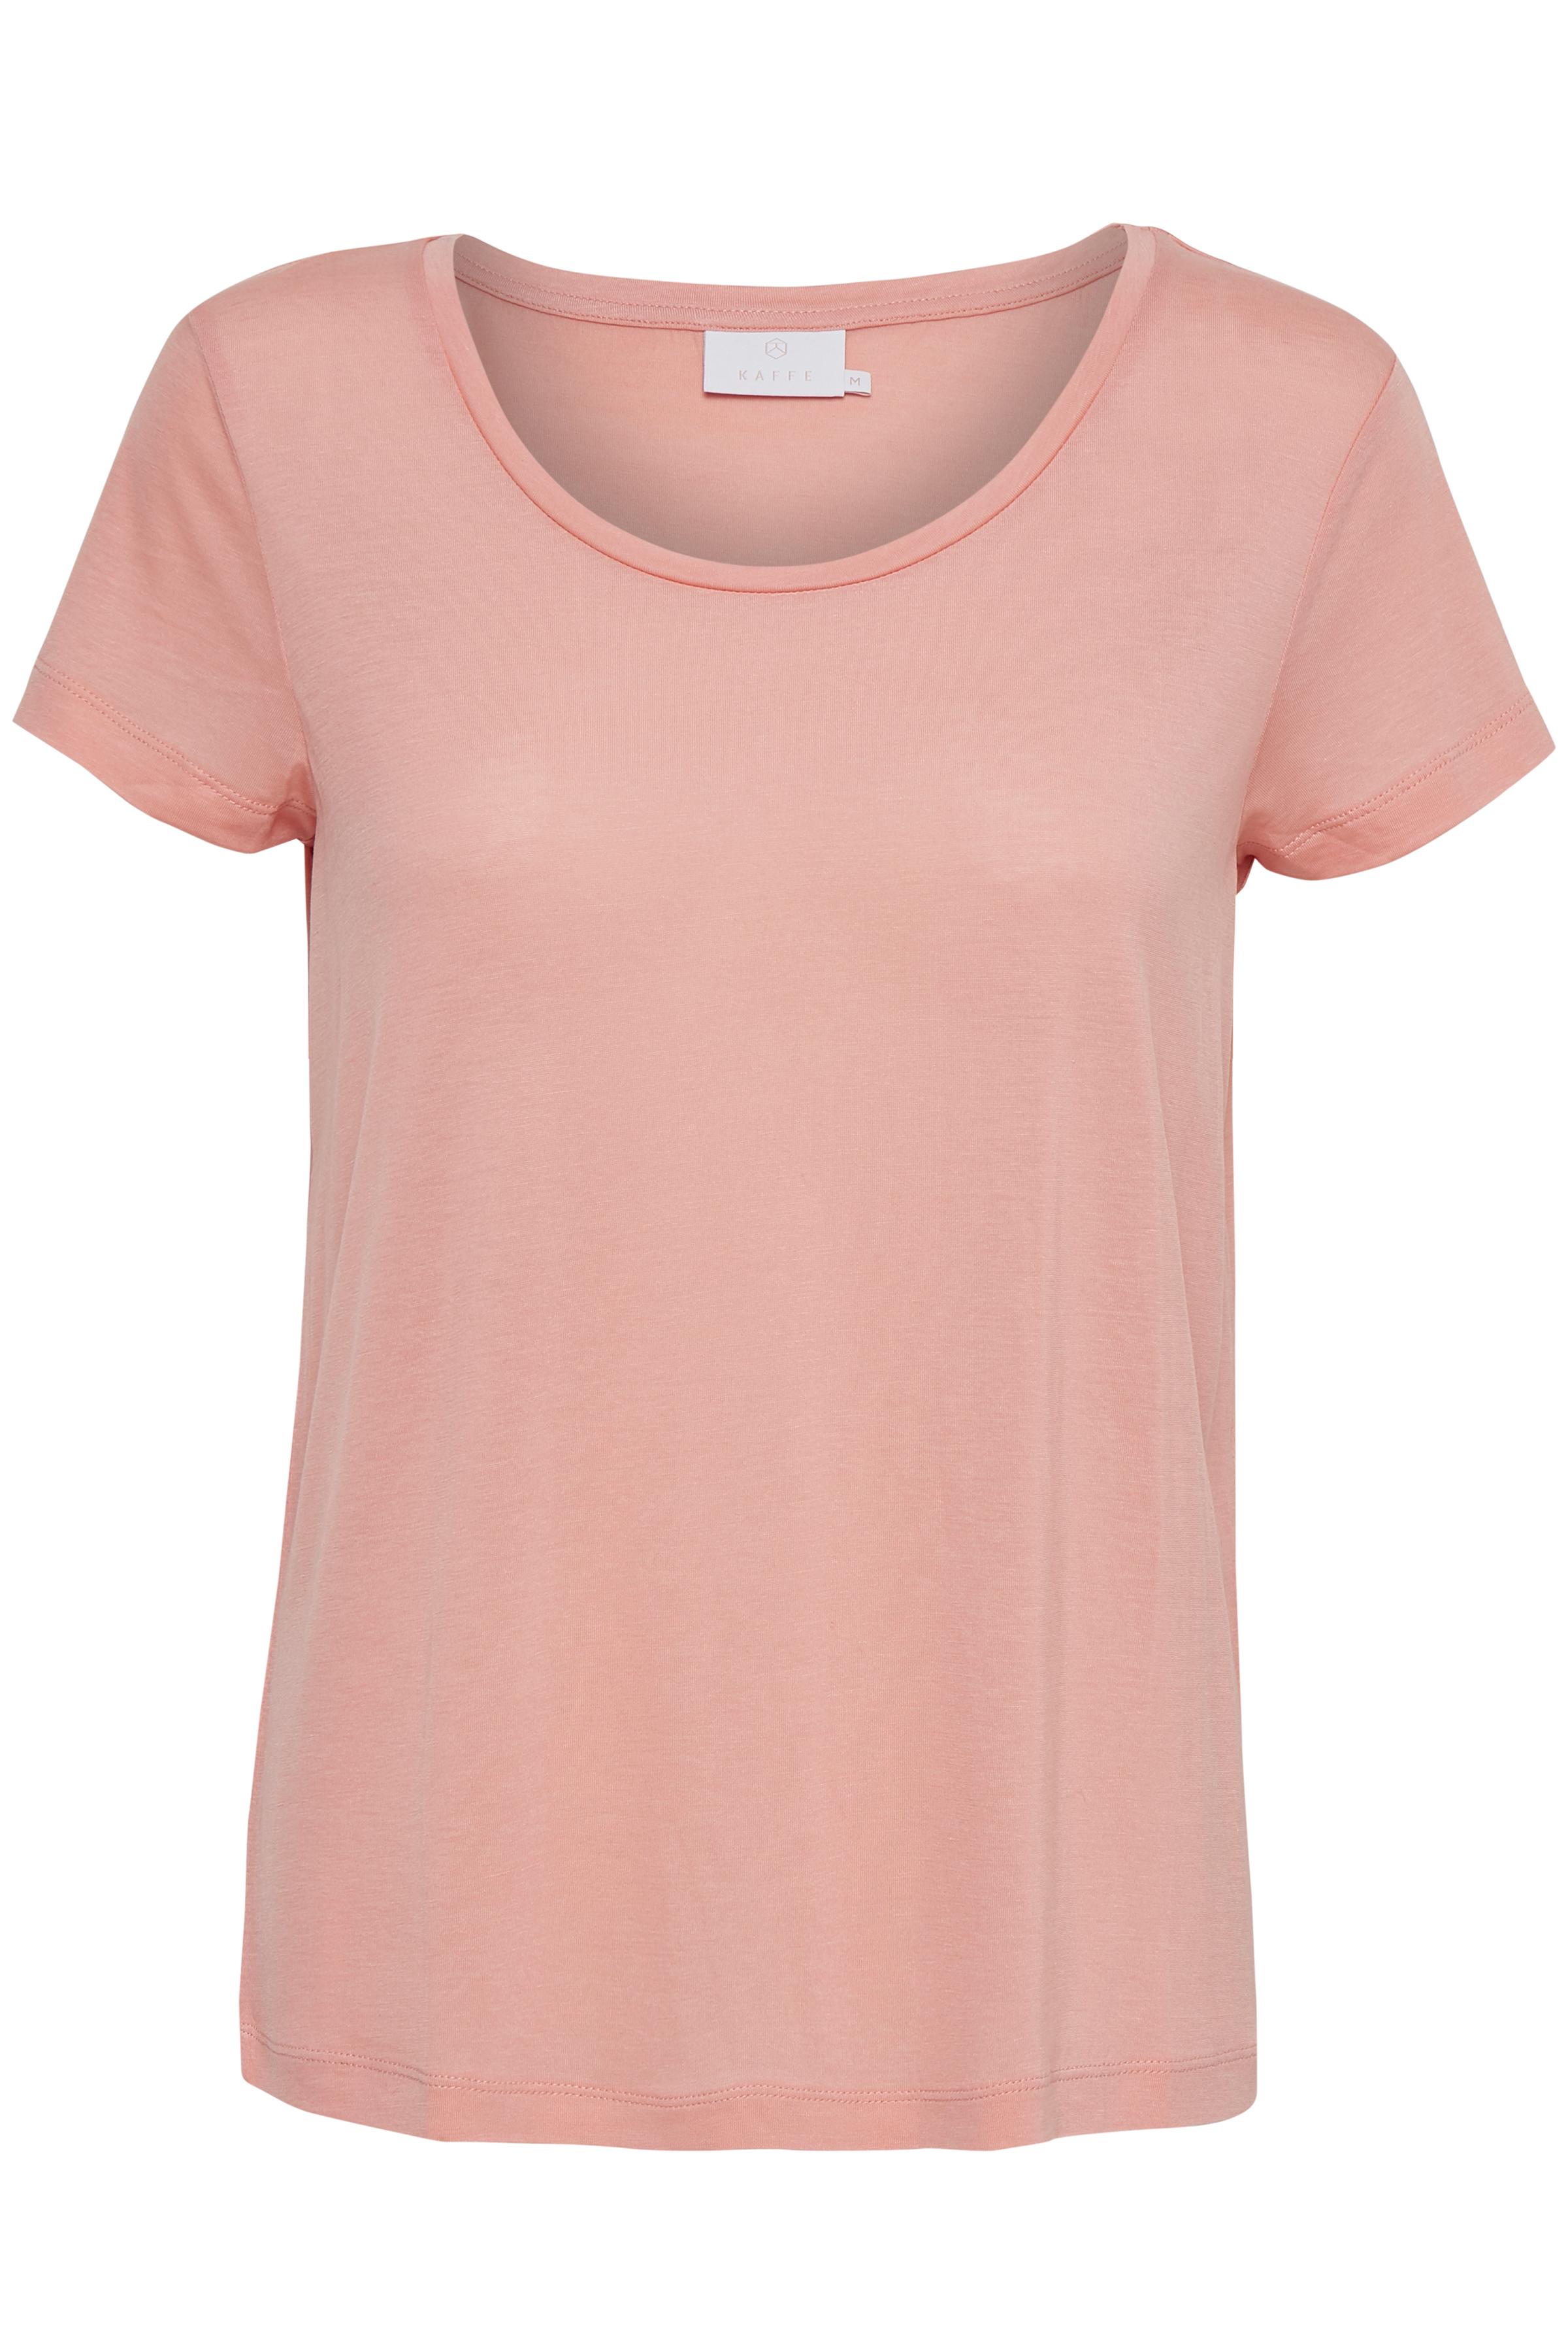 Mørk rosa Kortærmet T-shirt fra Kaffe – Køb Mørk rosa Kortærmet T-shirt fra str. XS-XXL her